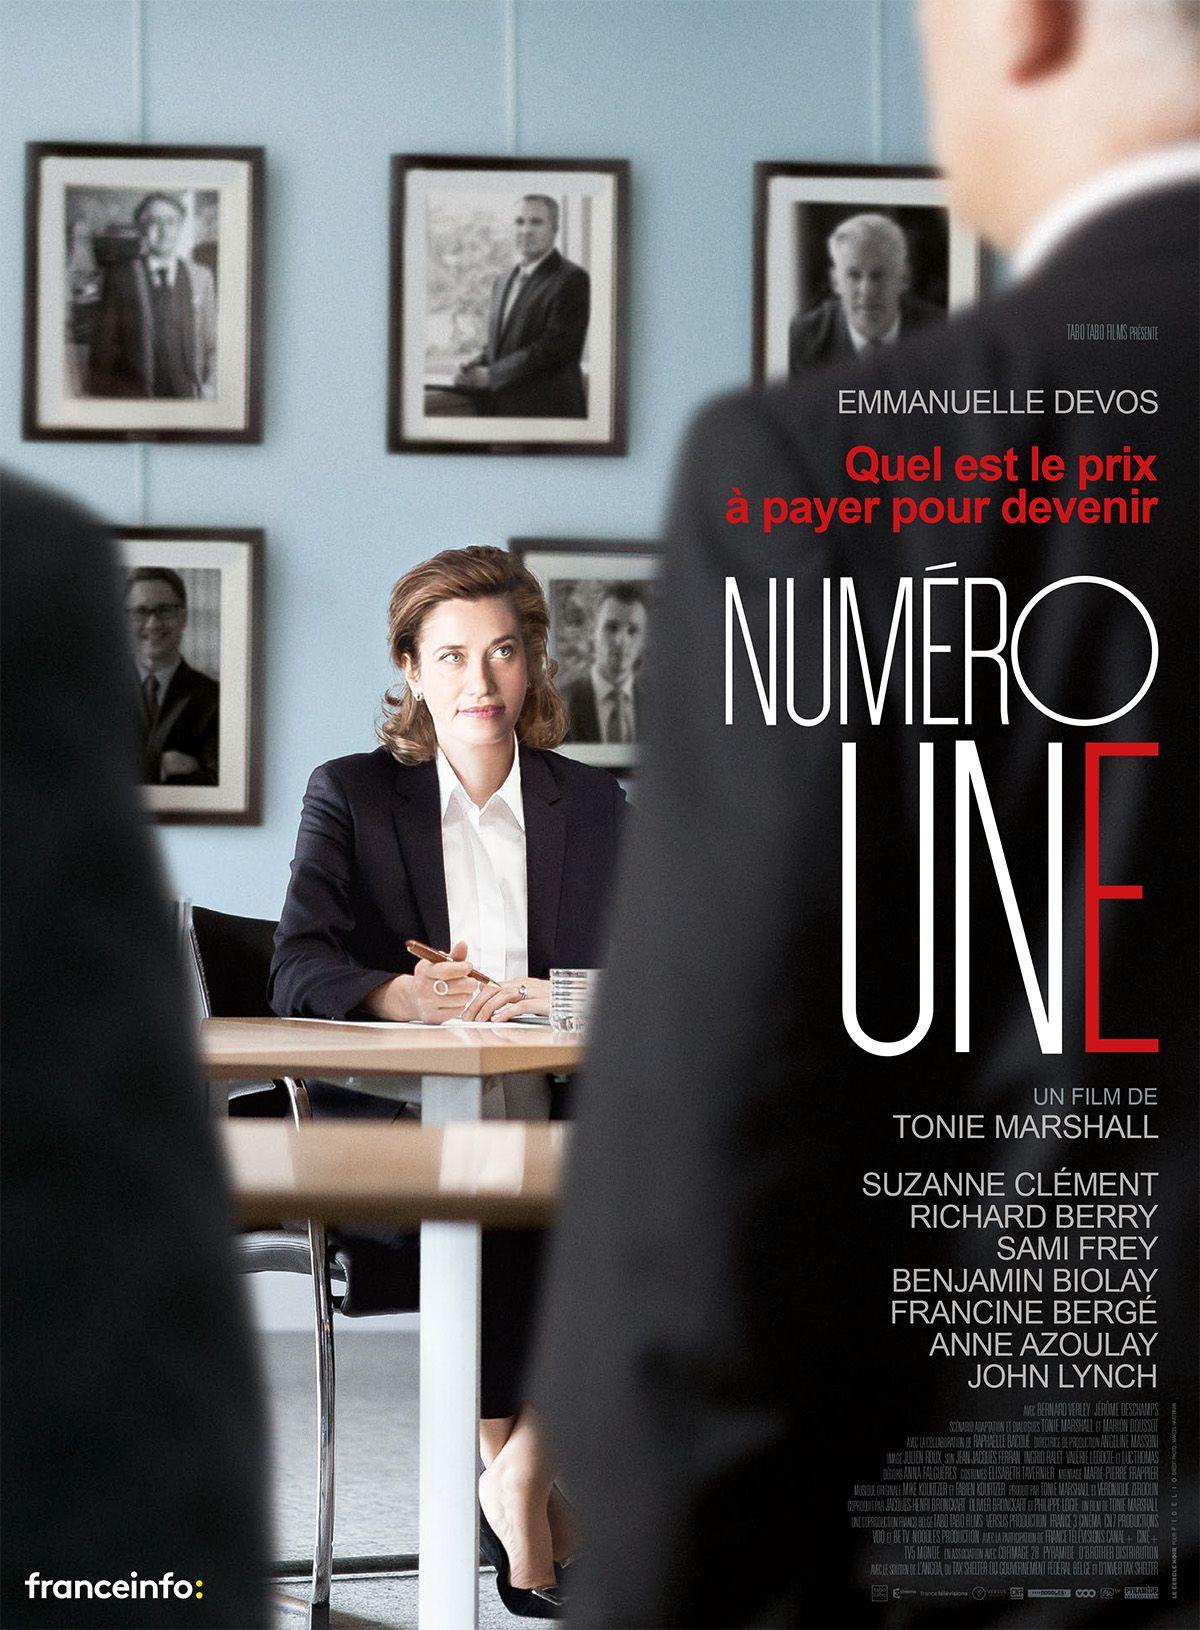 Numéro une - Film (2017)